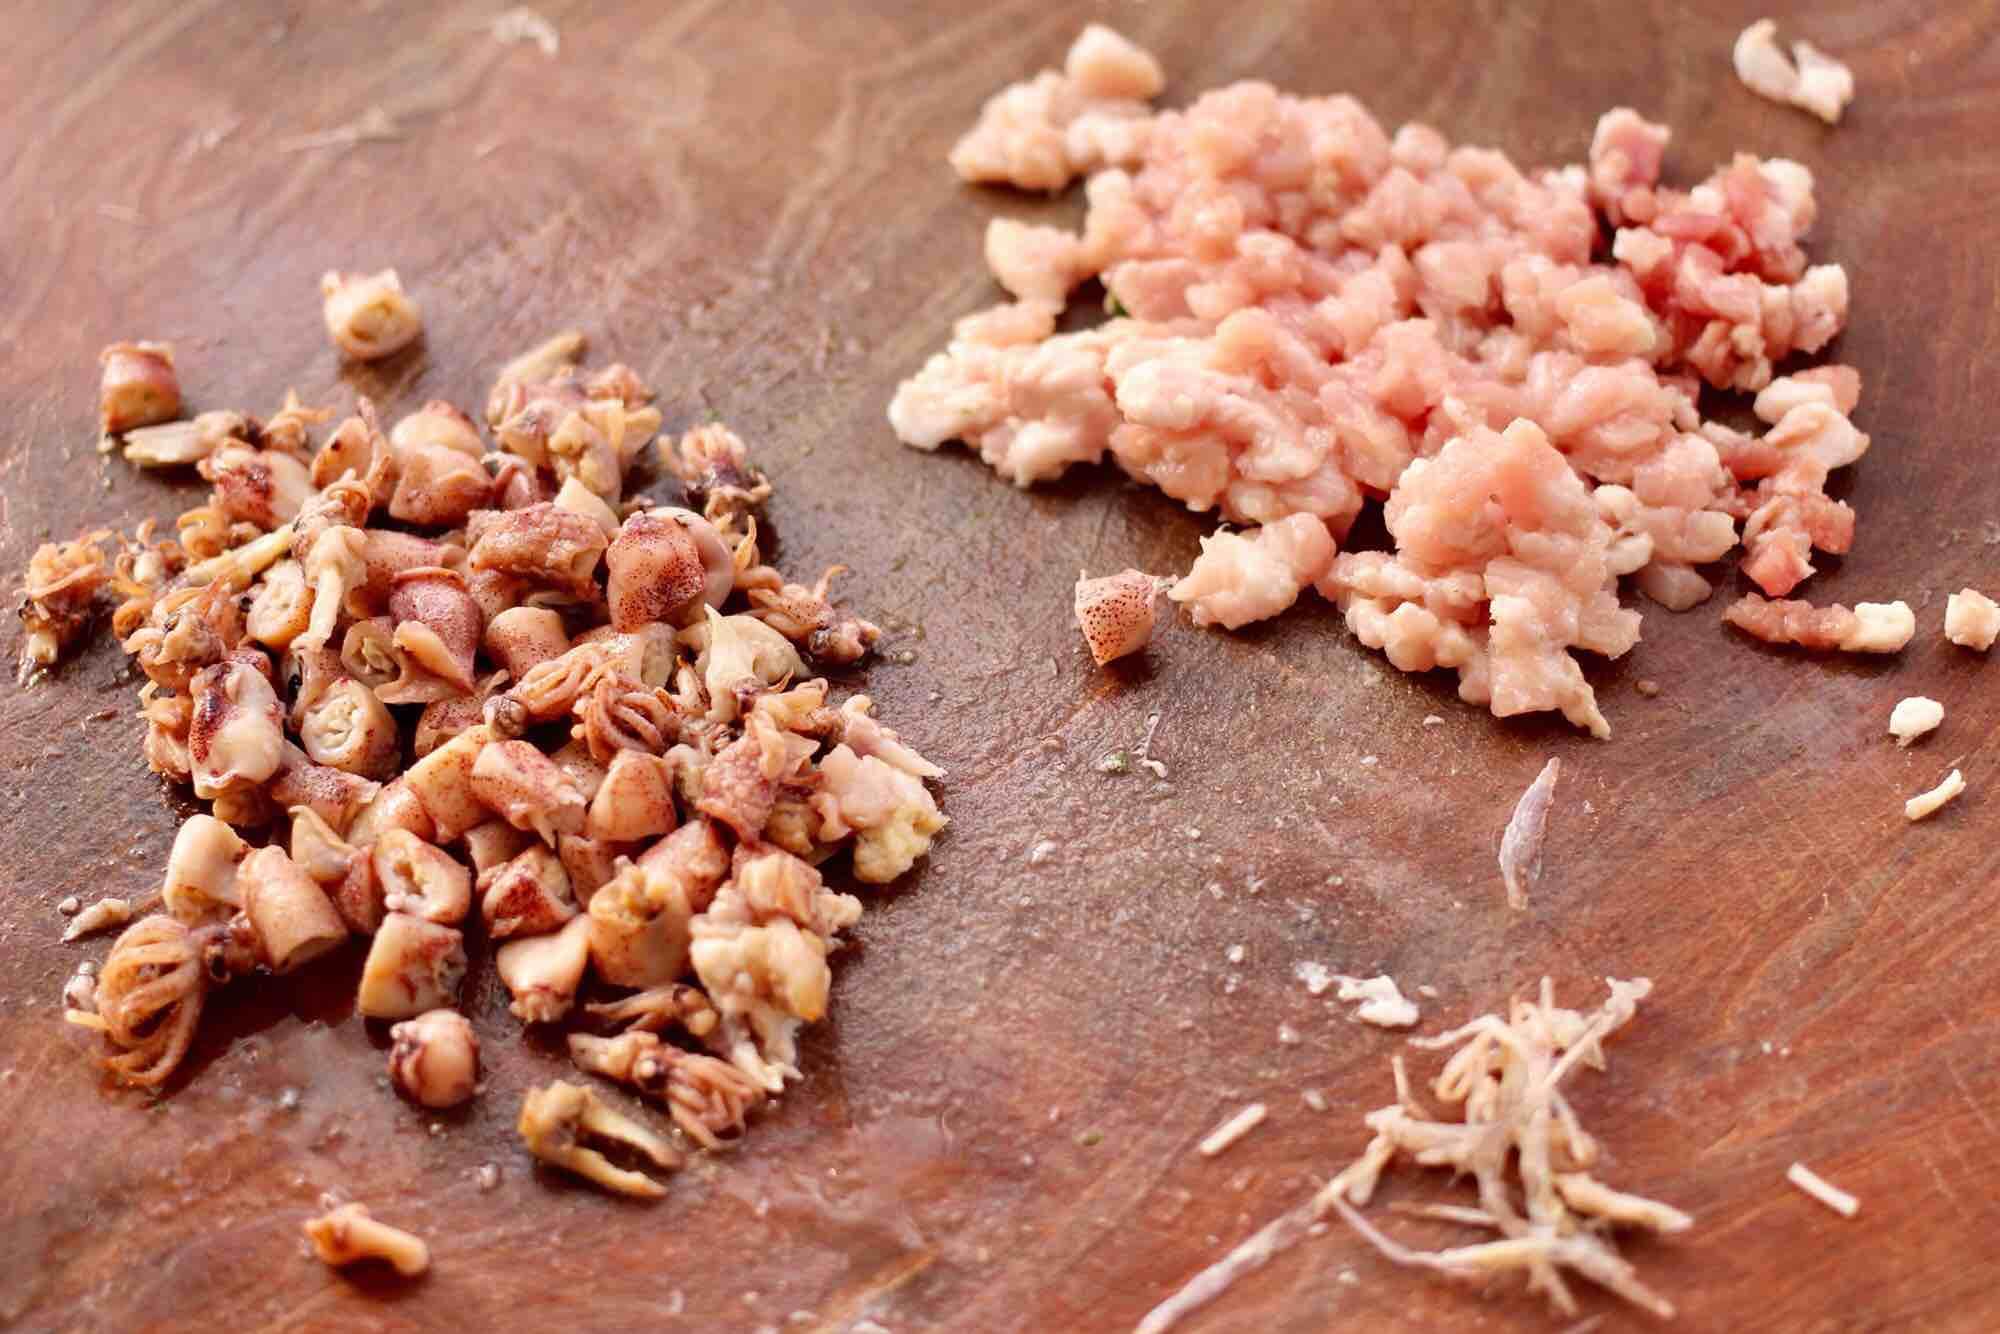 肉丁金针菇鱿鱼饺子怎么吃